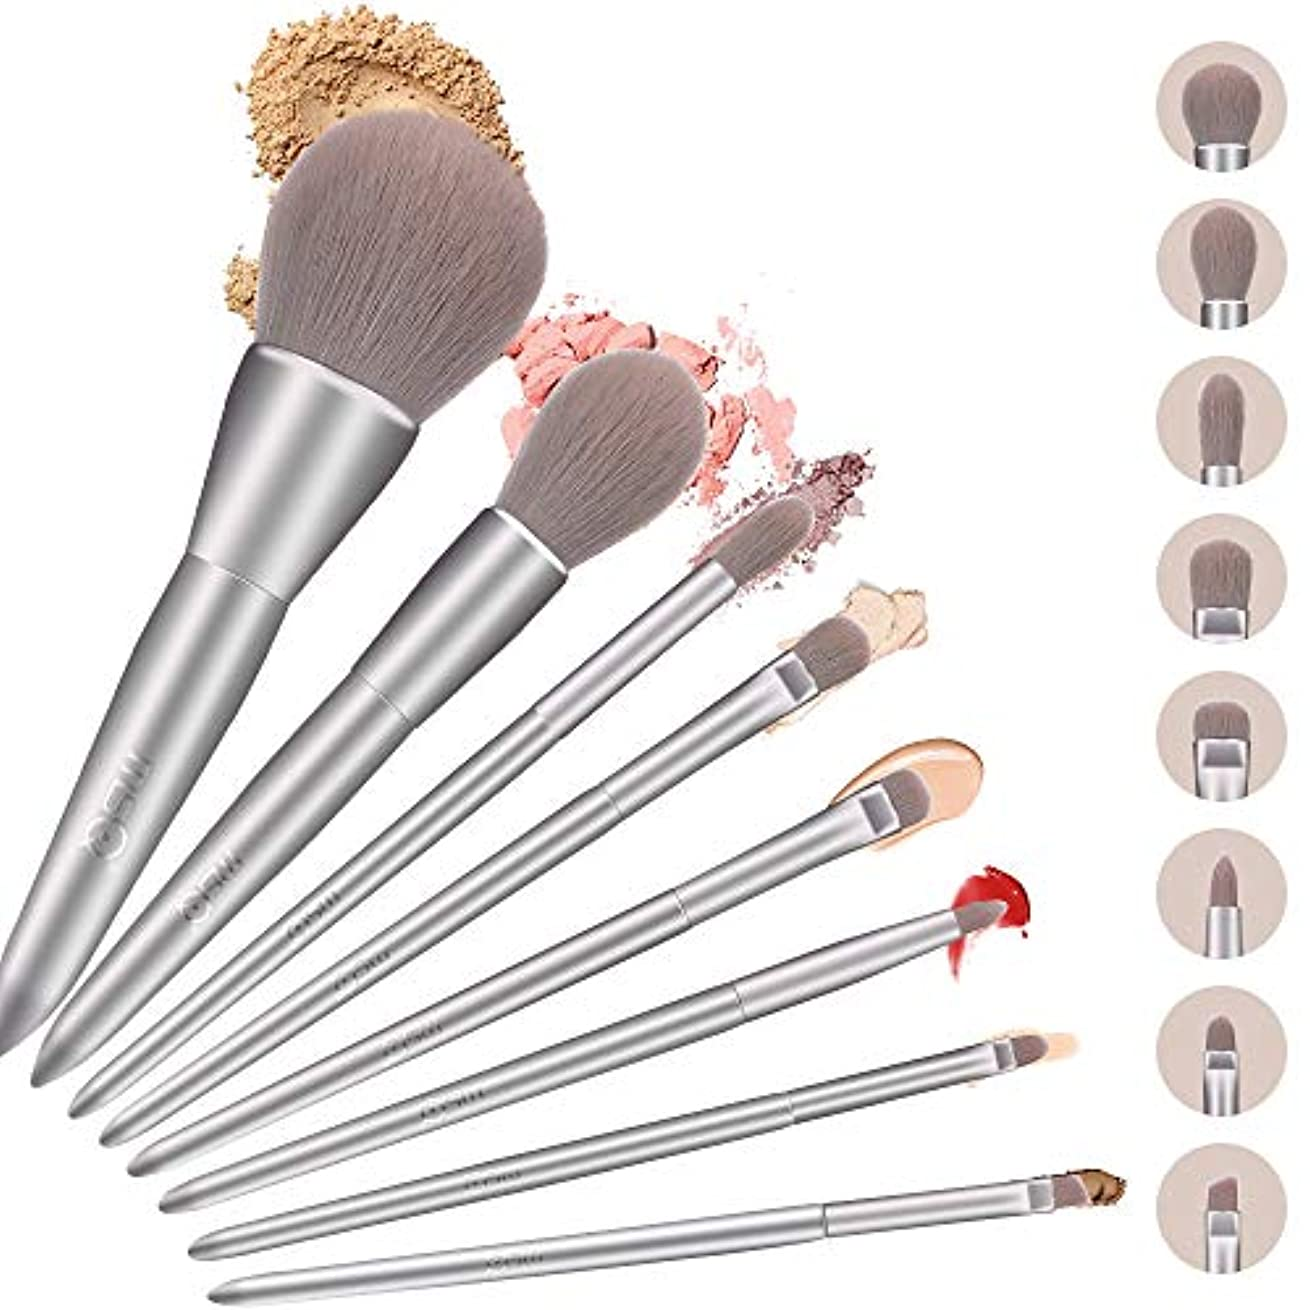 コンペ意図する適性MSQ メイクブラシ 8本セット 誕生日プレゼントゃギフトにもおすすめ 化粧プラシ [ フェイスブラシ パウダ一ブラシ アイシャドウブラシ ] 高級繊維毛 日常の化粧 集まる化粧 (銀, 8本)